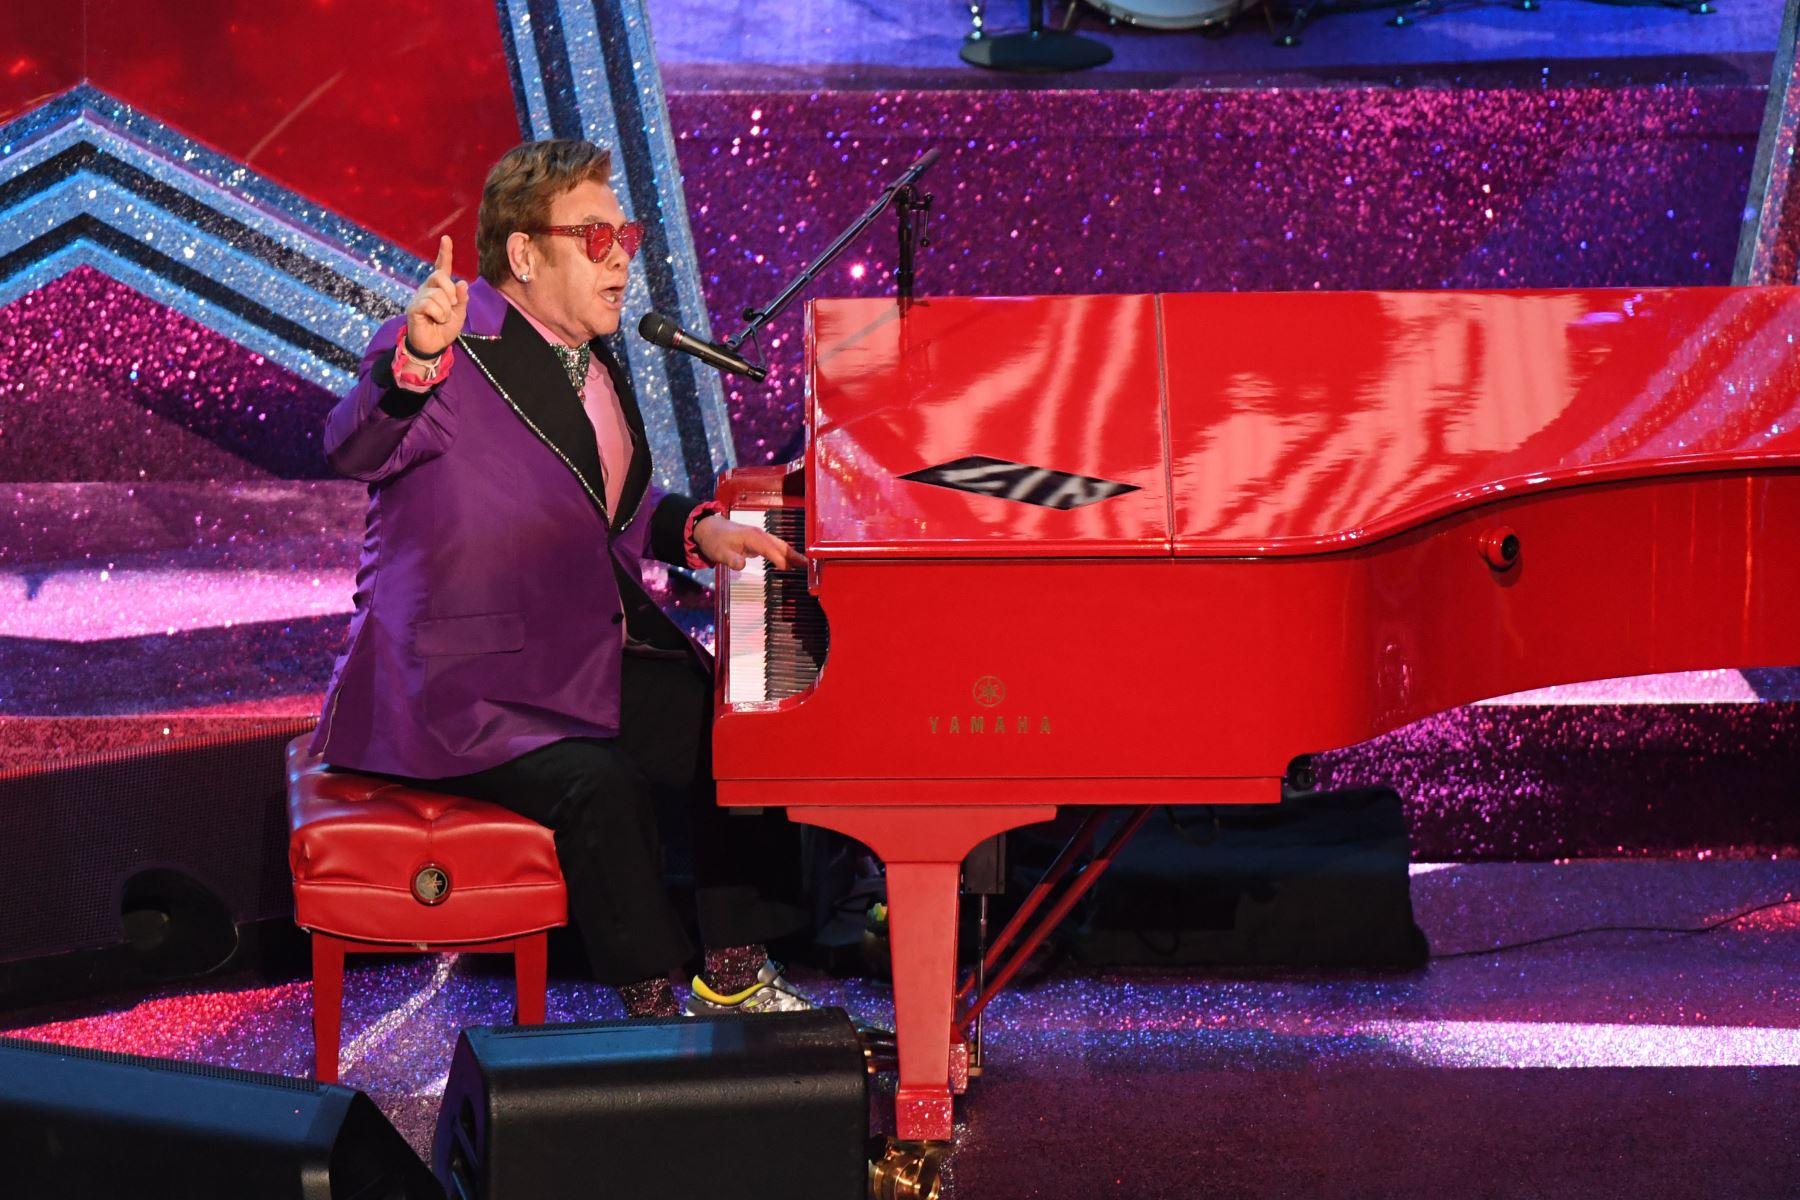 El cantante y compositor británico Elton John se presenta en el escenario durante los 92o Oscars en el Dolby Theatre de Hollywood, California. Foto: AFP